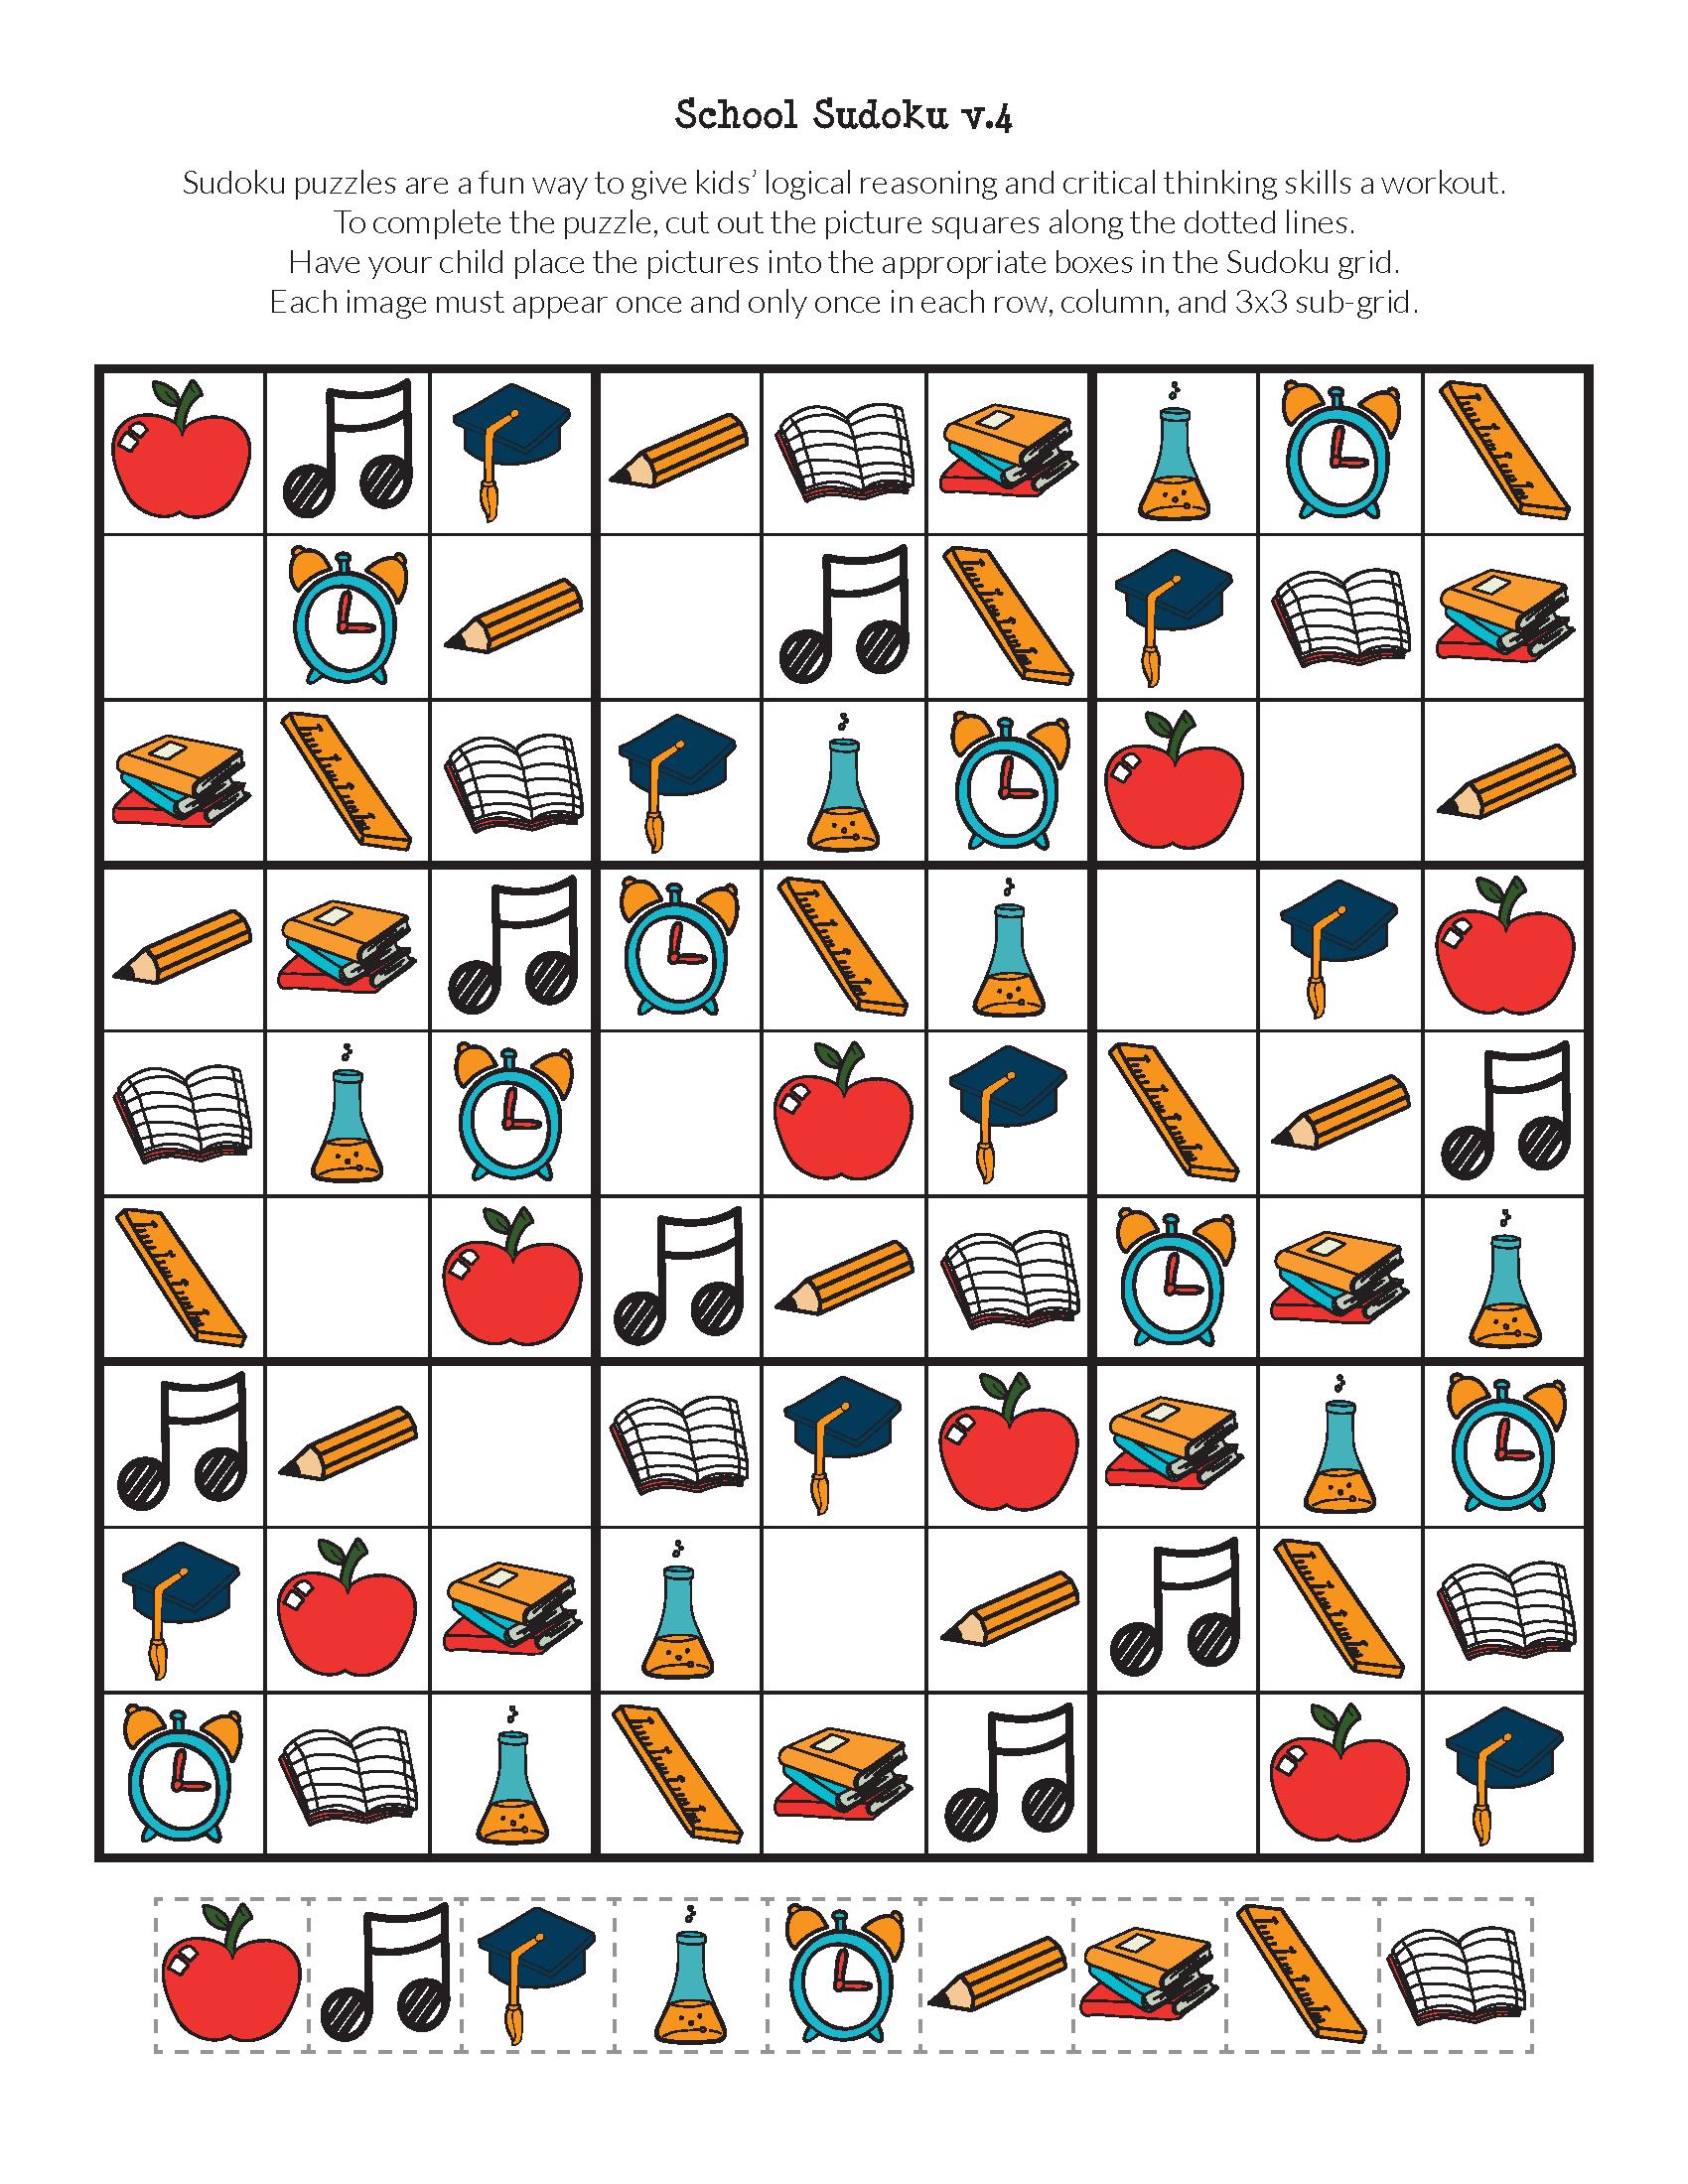 School Sudoku Puzzles {Free Printables} | Sudoku Puzzles